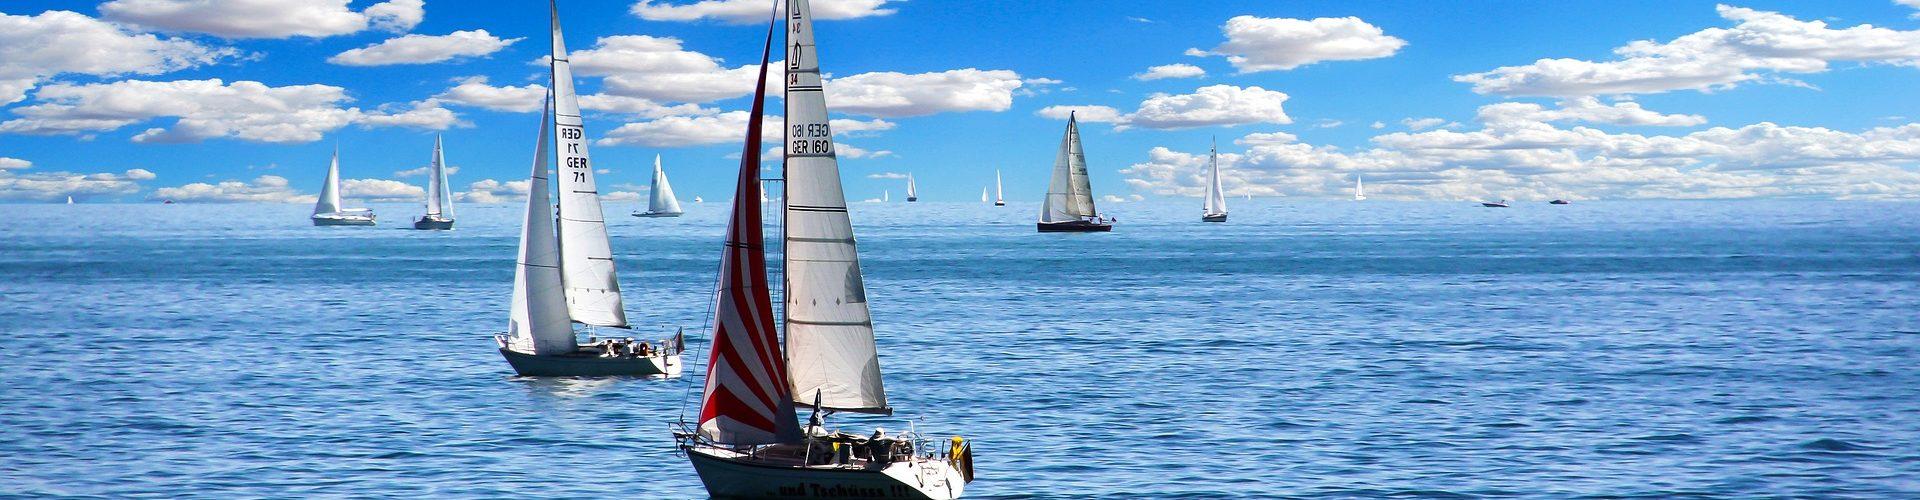 segeln lernen in Templin segelschein machen in Templin 1920x500 - Segeln lernen in Templin